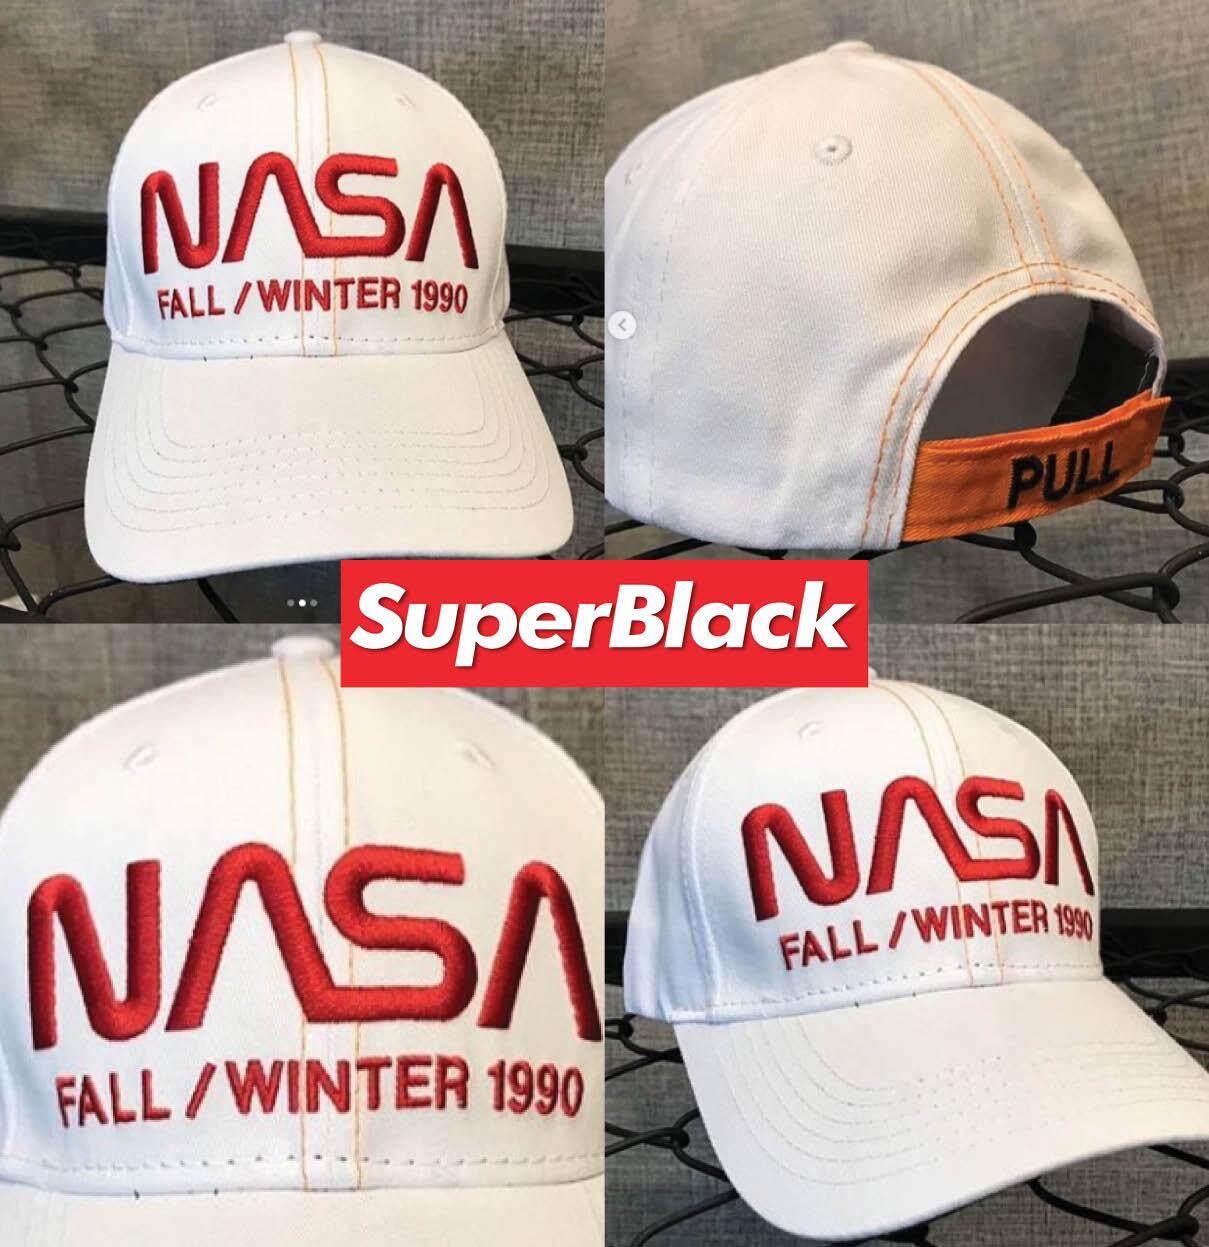 สุดยอดสินค้า!! หมวกNASA GAP ®️ (สีขาว) *จัดส่งจากก.ท.ม ส่งฟรีKerryเก็บเงินปลายได้*